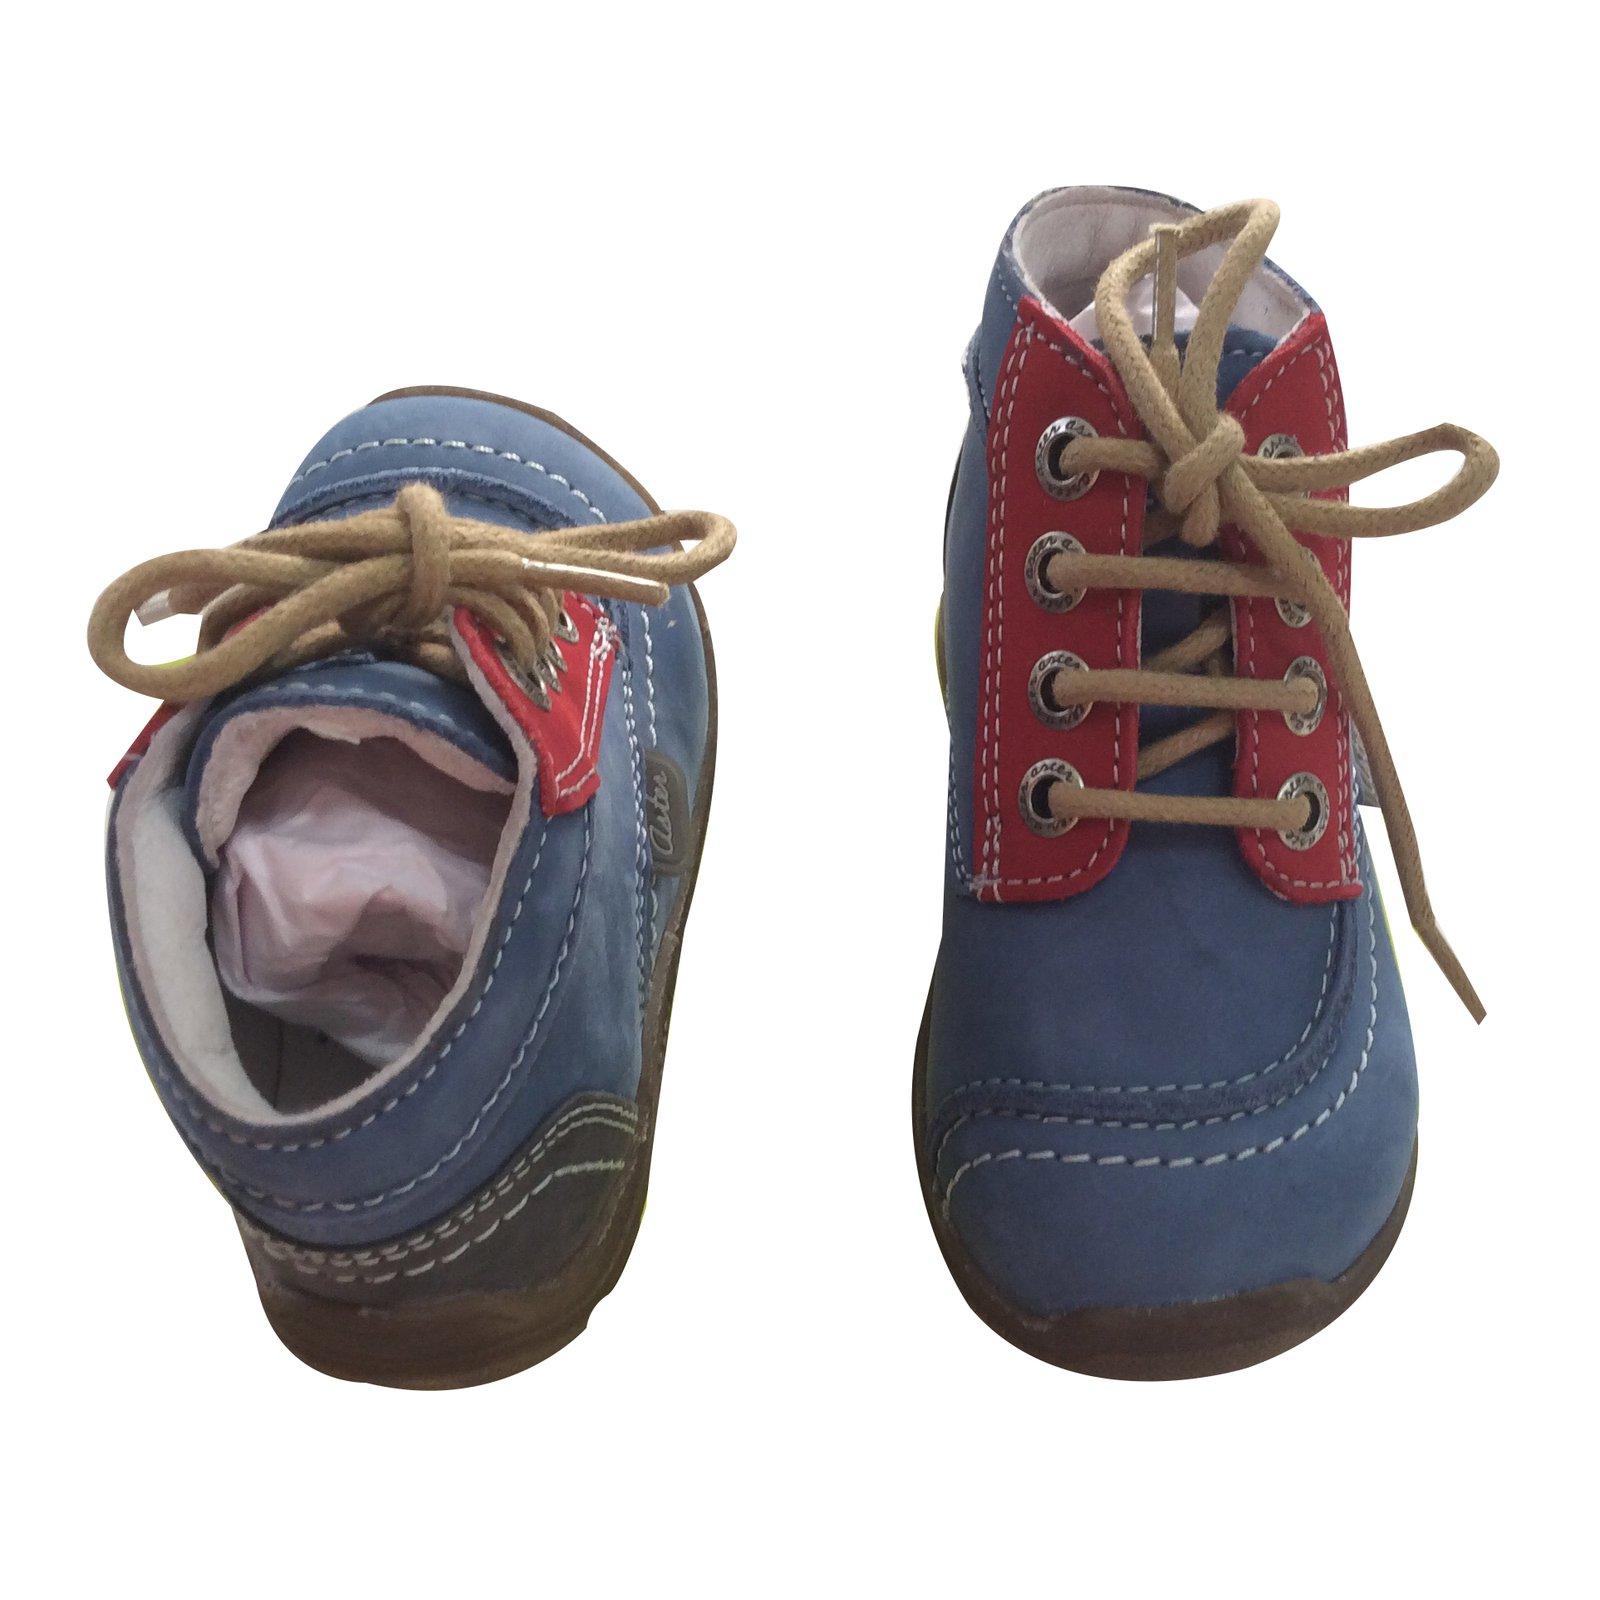 9ea10976c40e49 Chaussures à lacets Autre Marque Chaussure aster enfant Cuir Bleu ref.17833